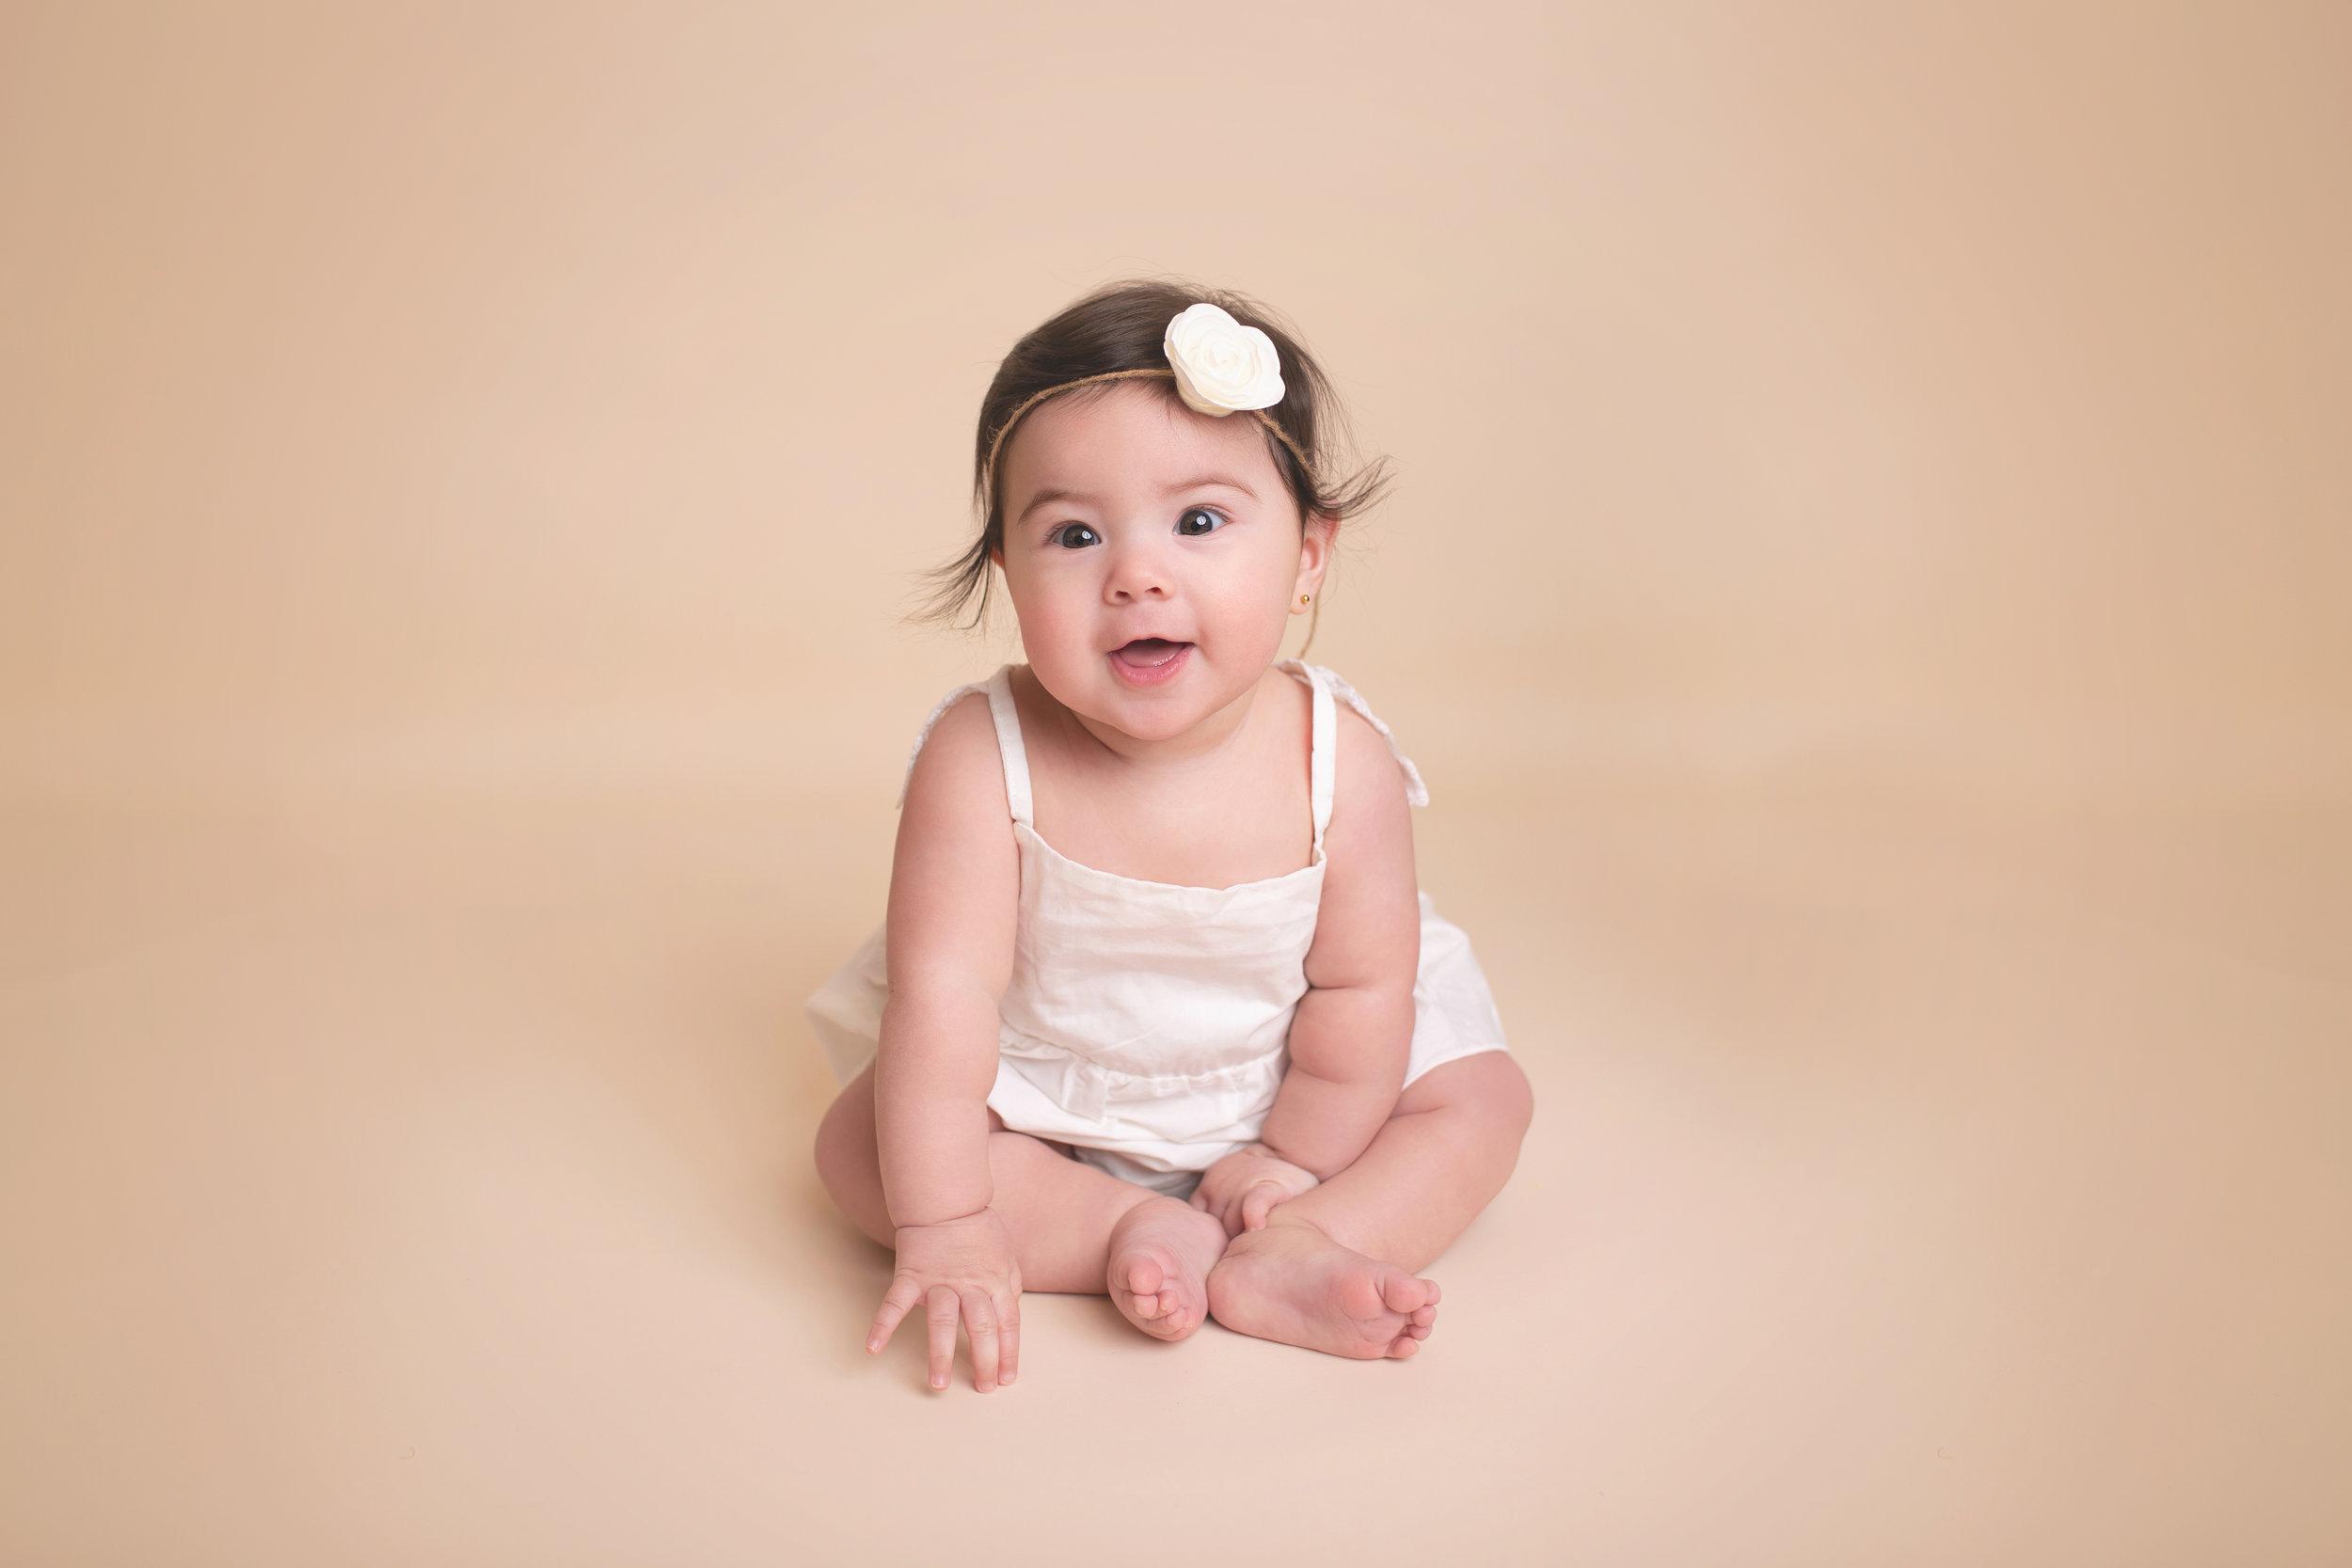 anchorage-newborn-photography-2.jpg